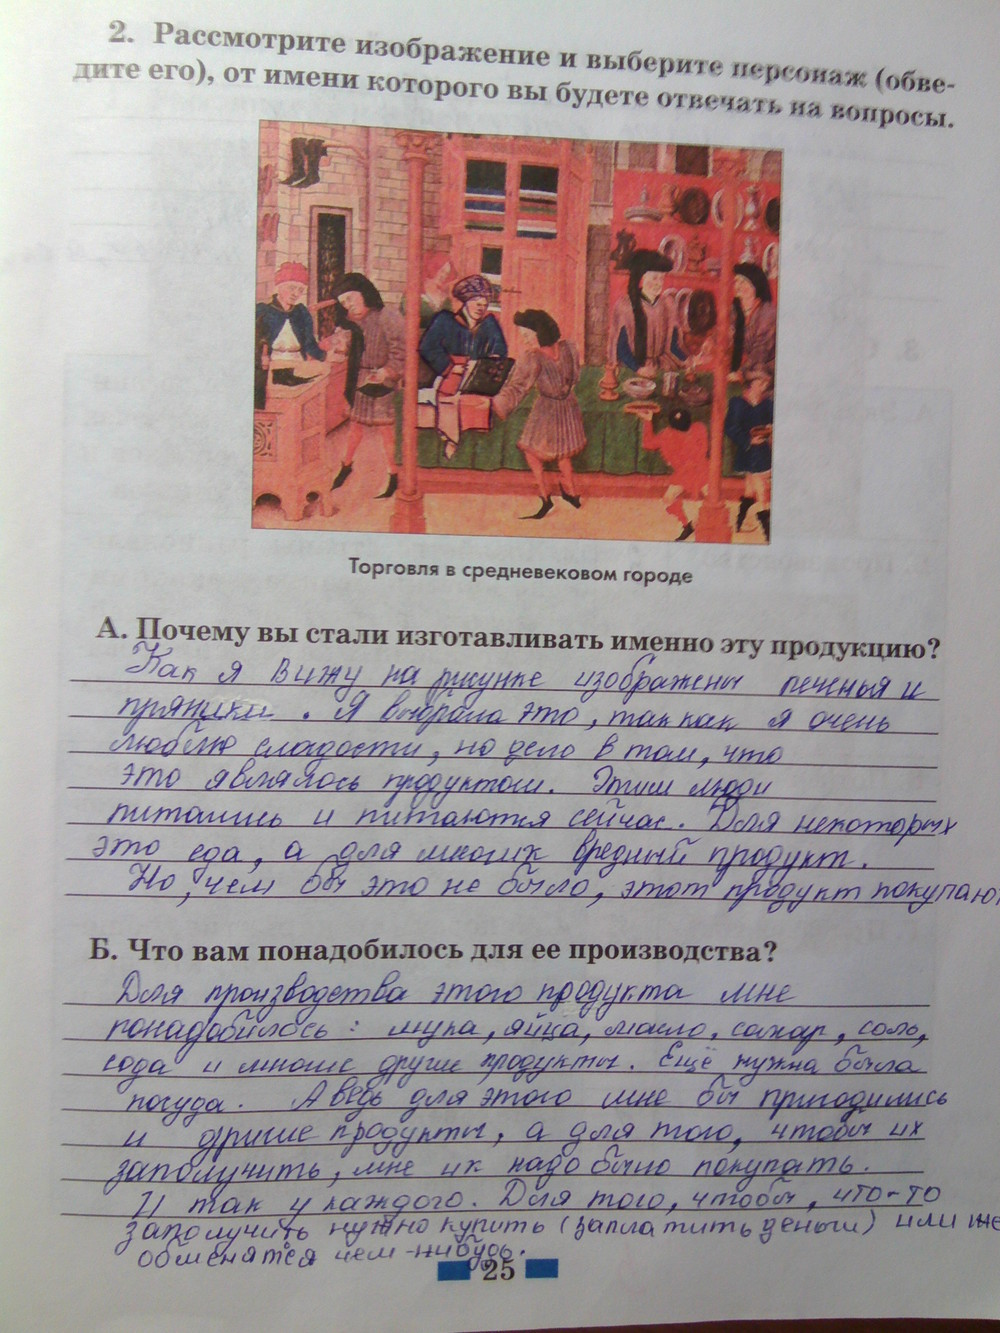 певцова и тетрадь класс учебник по гдз кравченко рабочая обществознанию 6